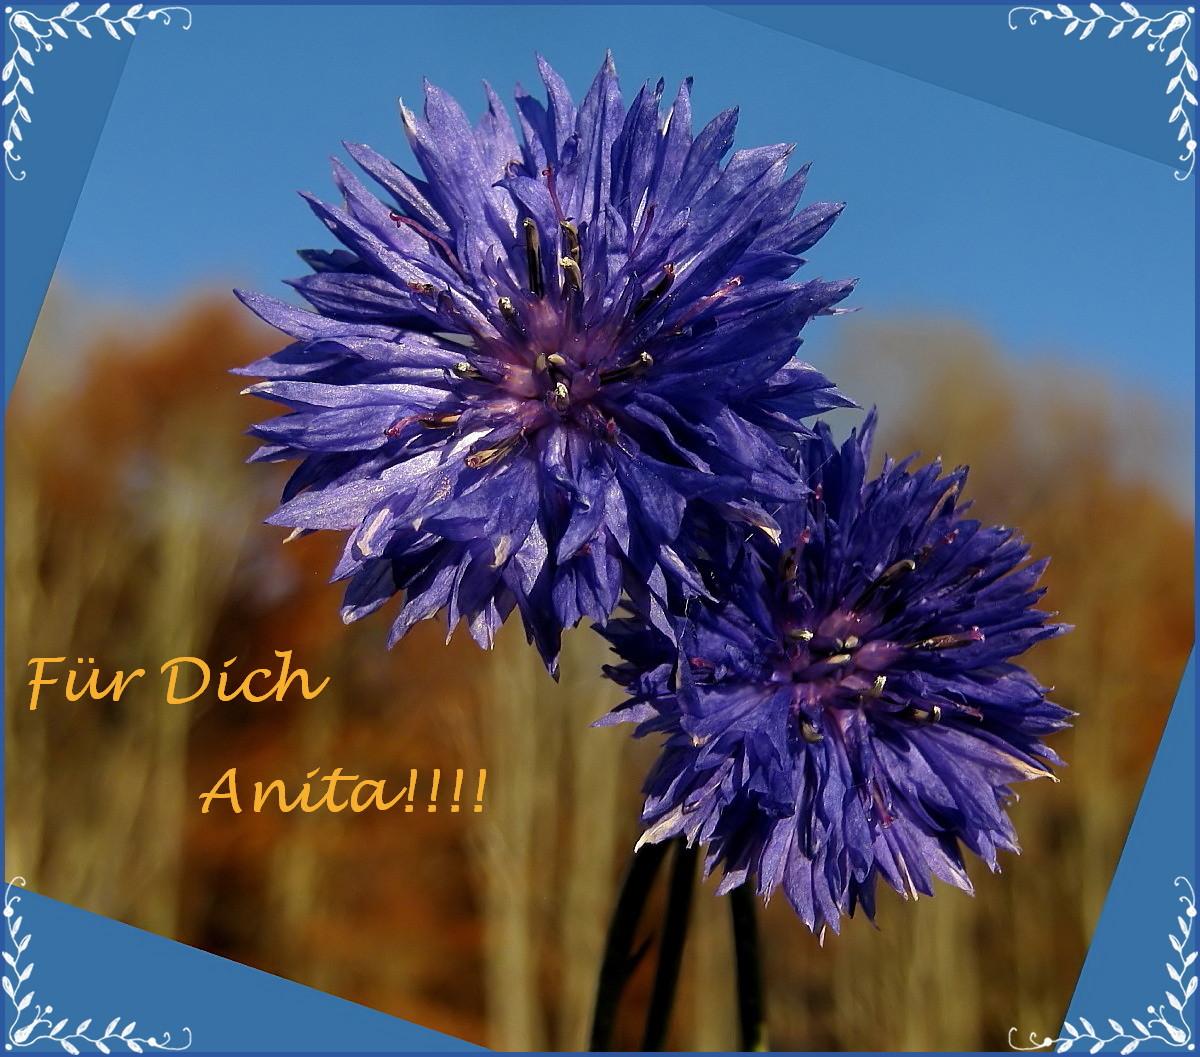 Alles Liebe für Anita!!